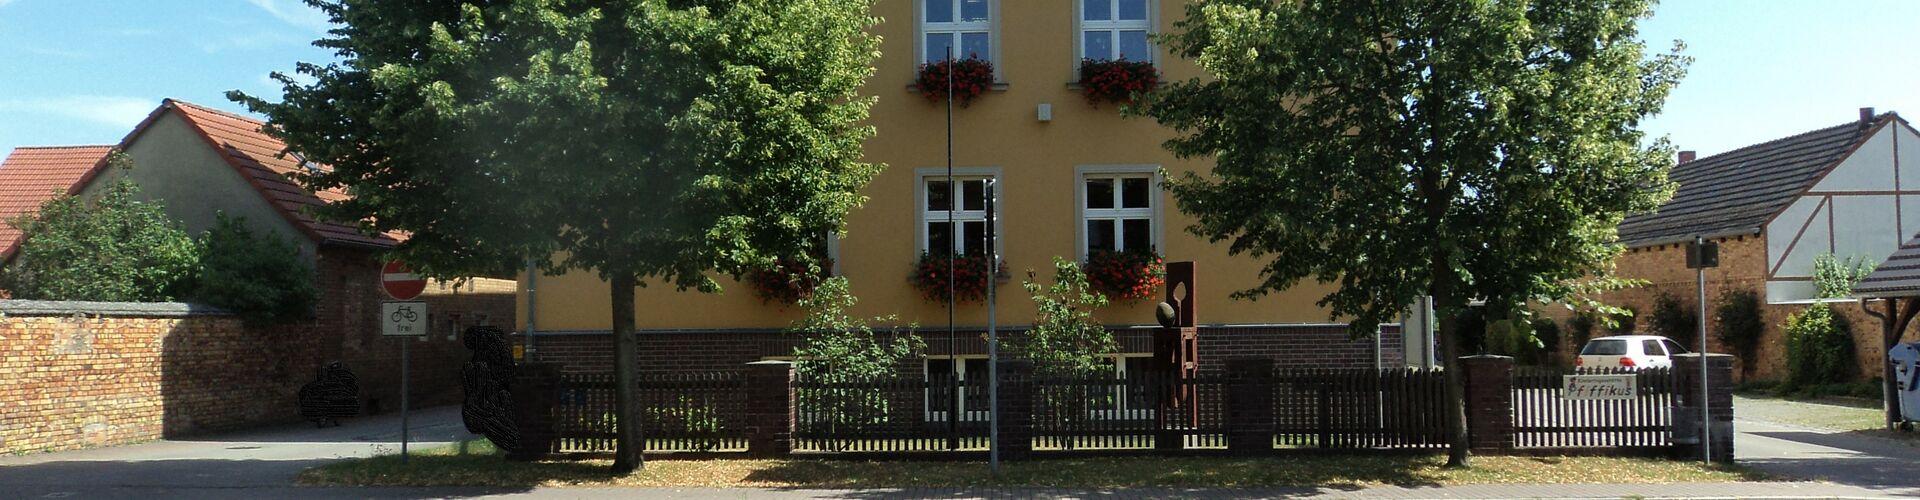 Gemeindeamt Schleife